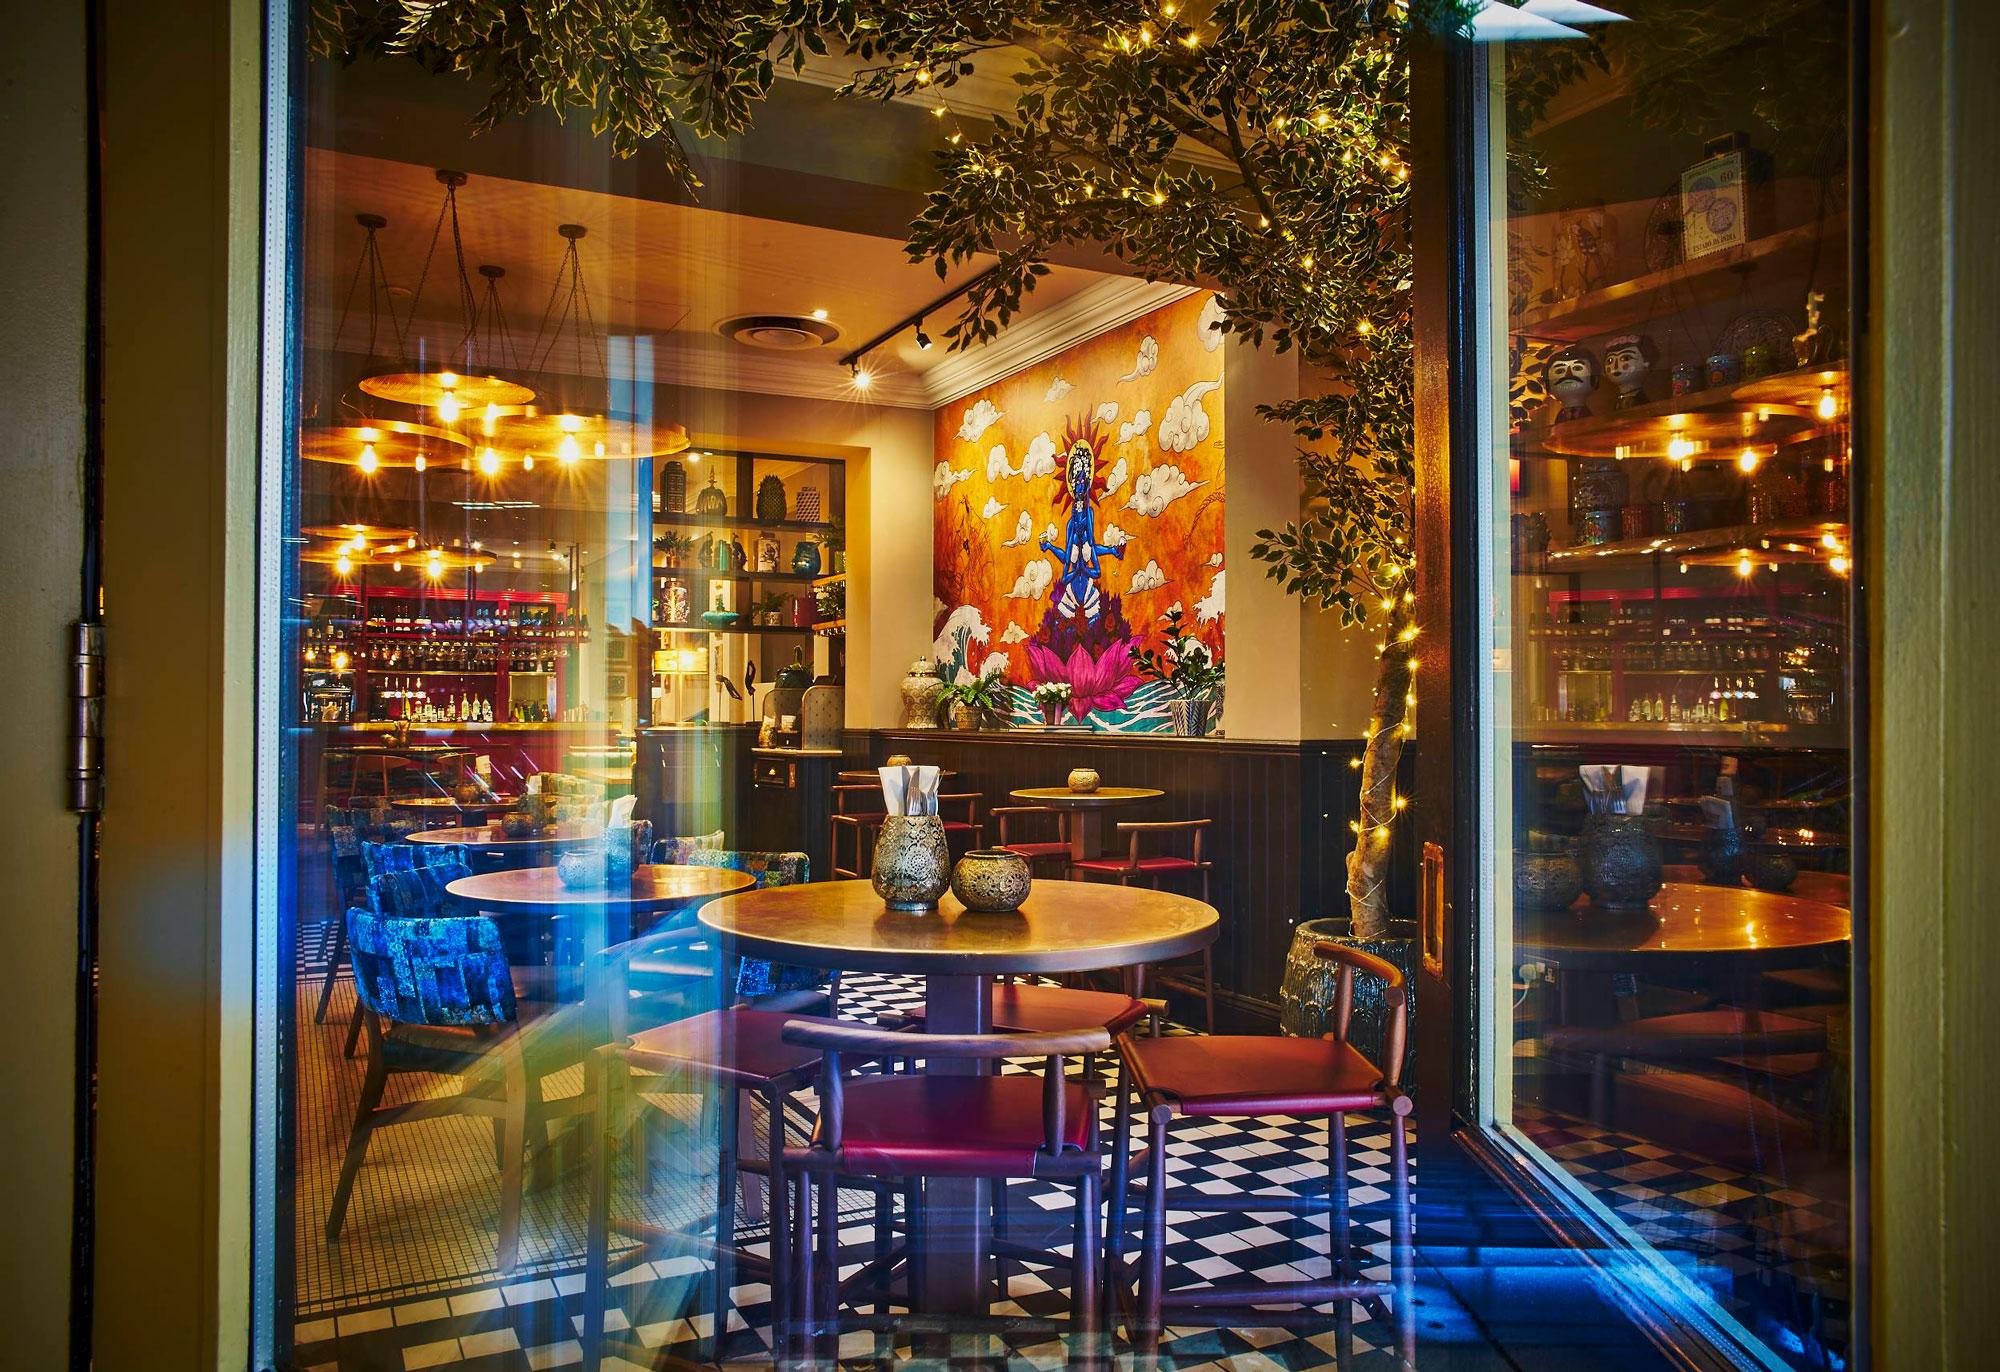 رستورانهای پرتغالی-هندی یکی از جاذبههای گردشگری گوا